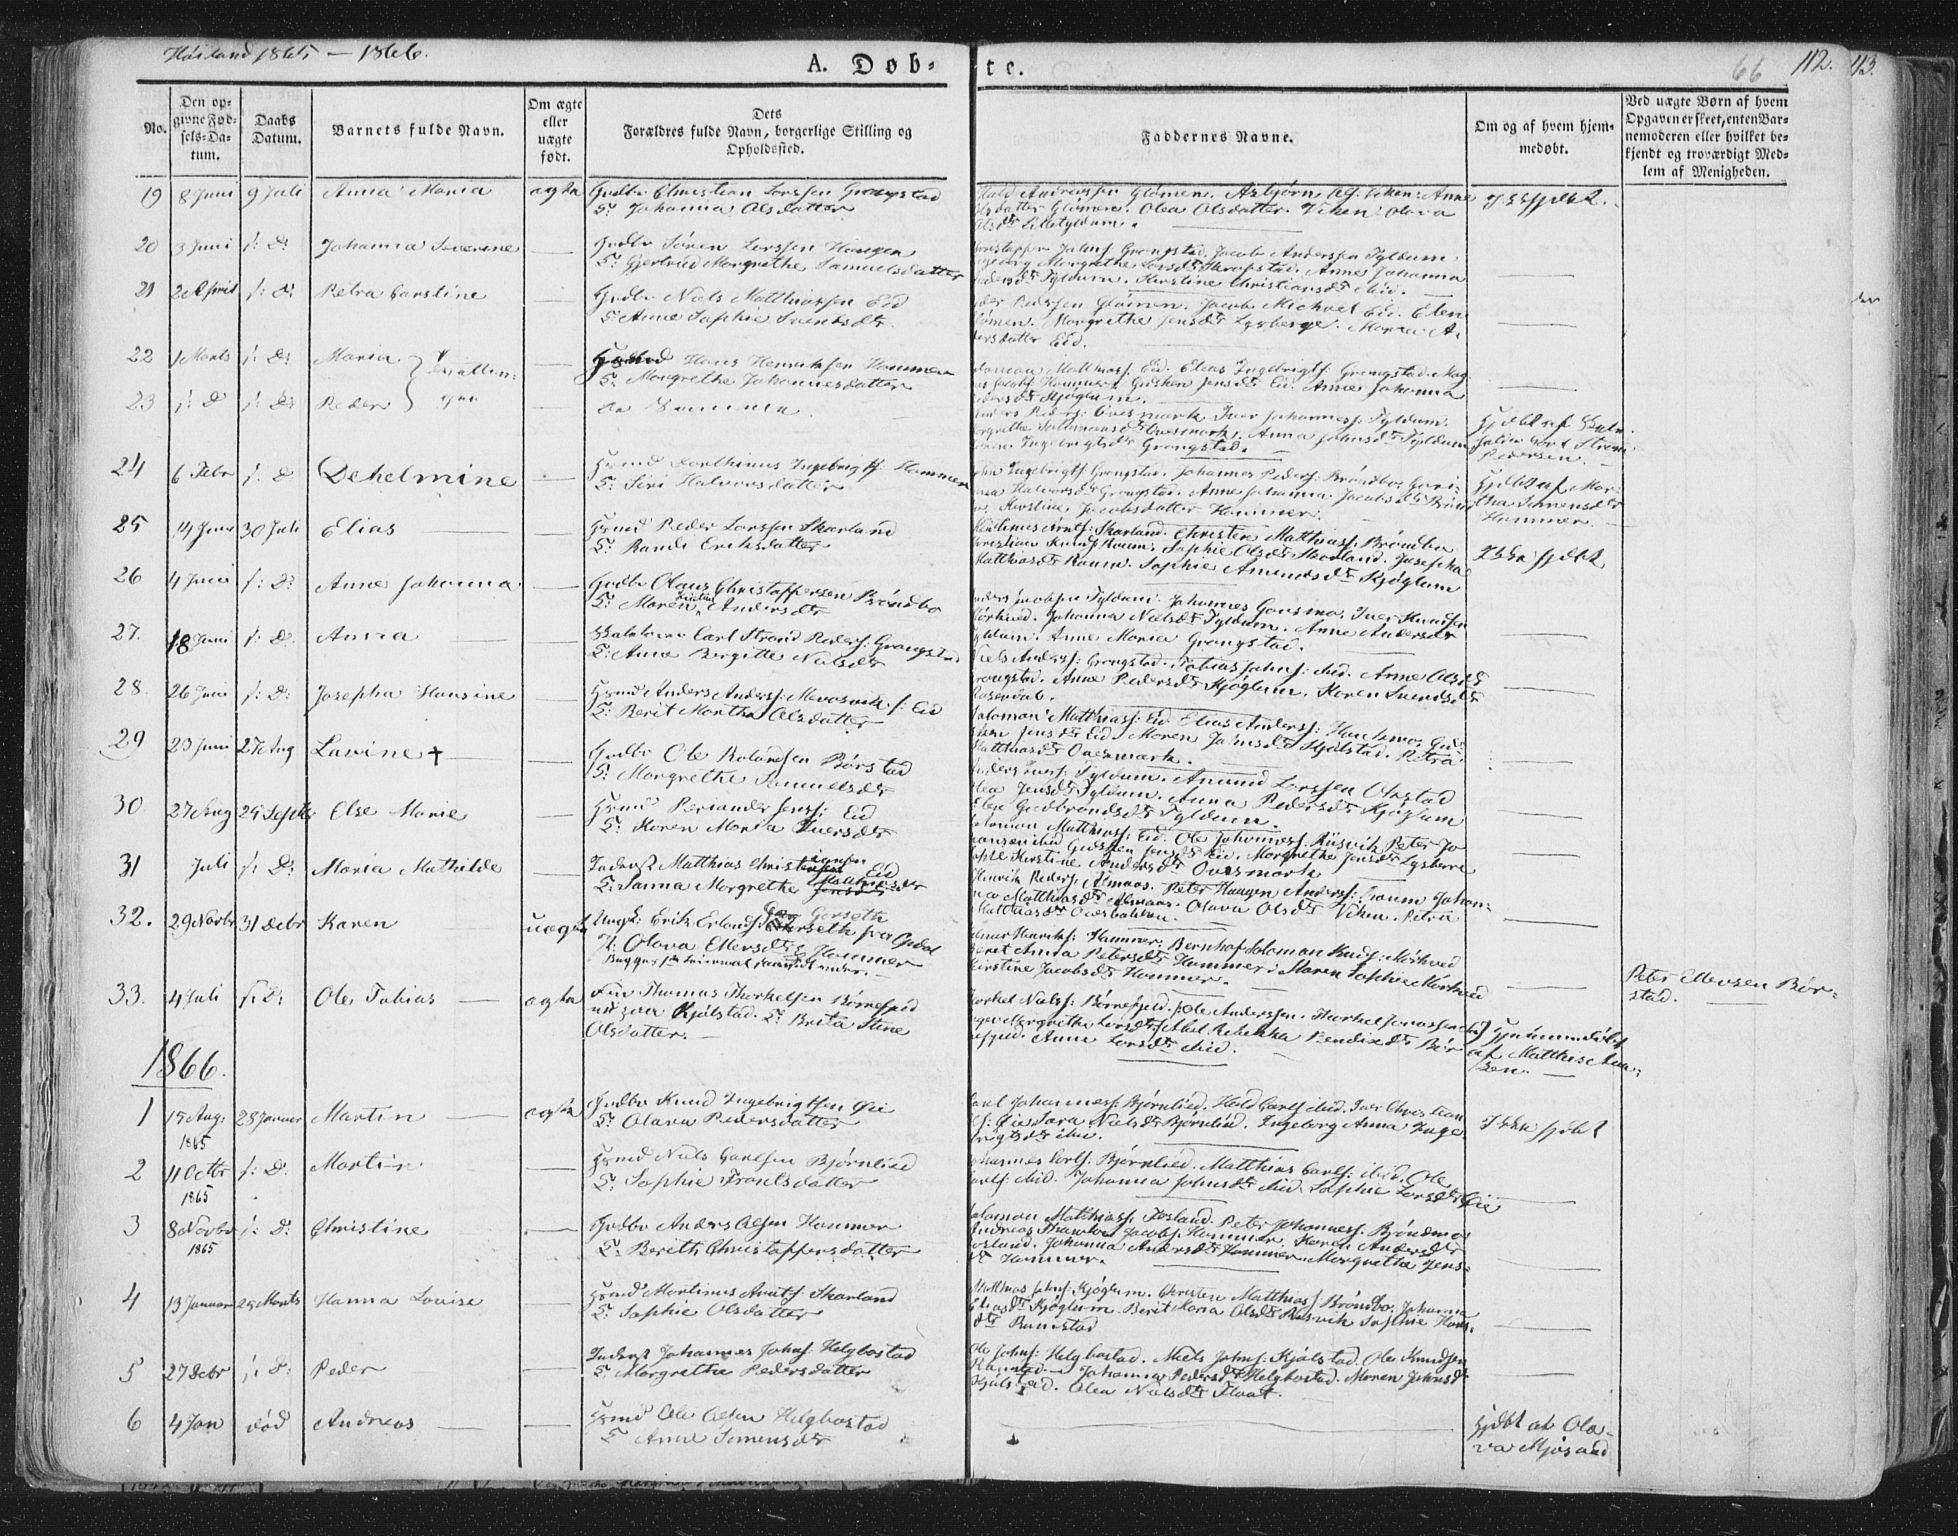 SAT, Ministerialprotokoller, klokkerbøker og fødselsregistre - Nord-Trøndelag, 758/L0513: Ministerialbok nr. 758A02 /2, 1839-1868, s. 66